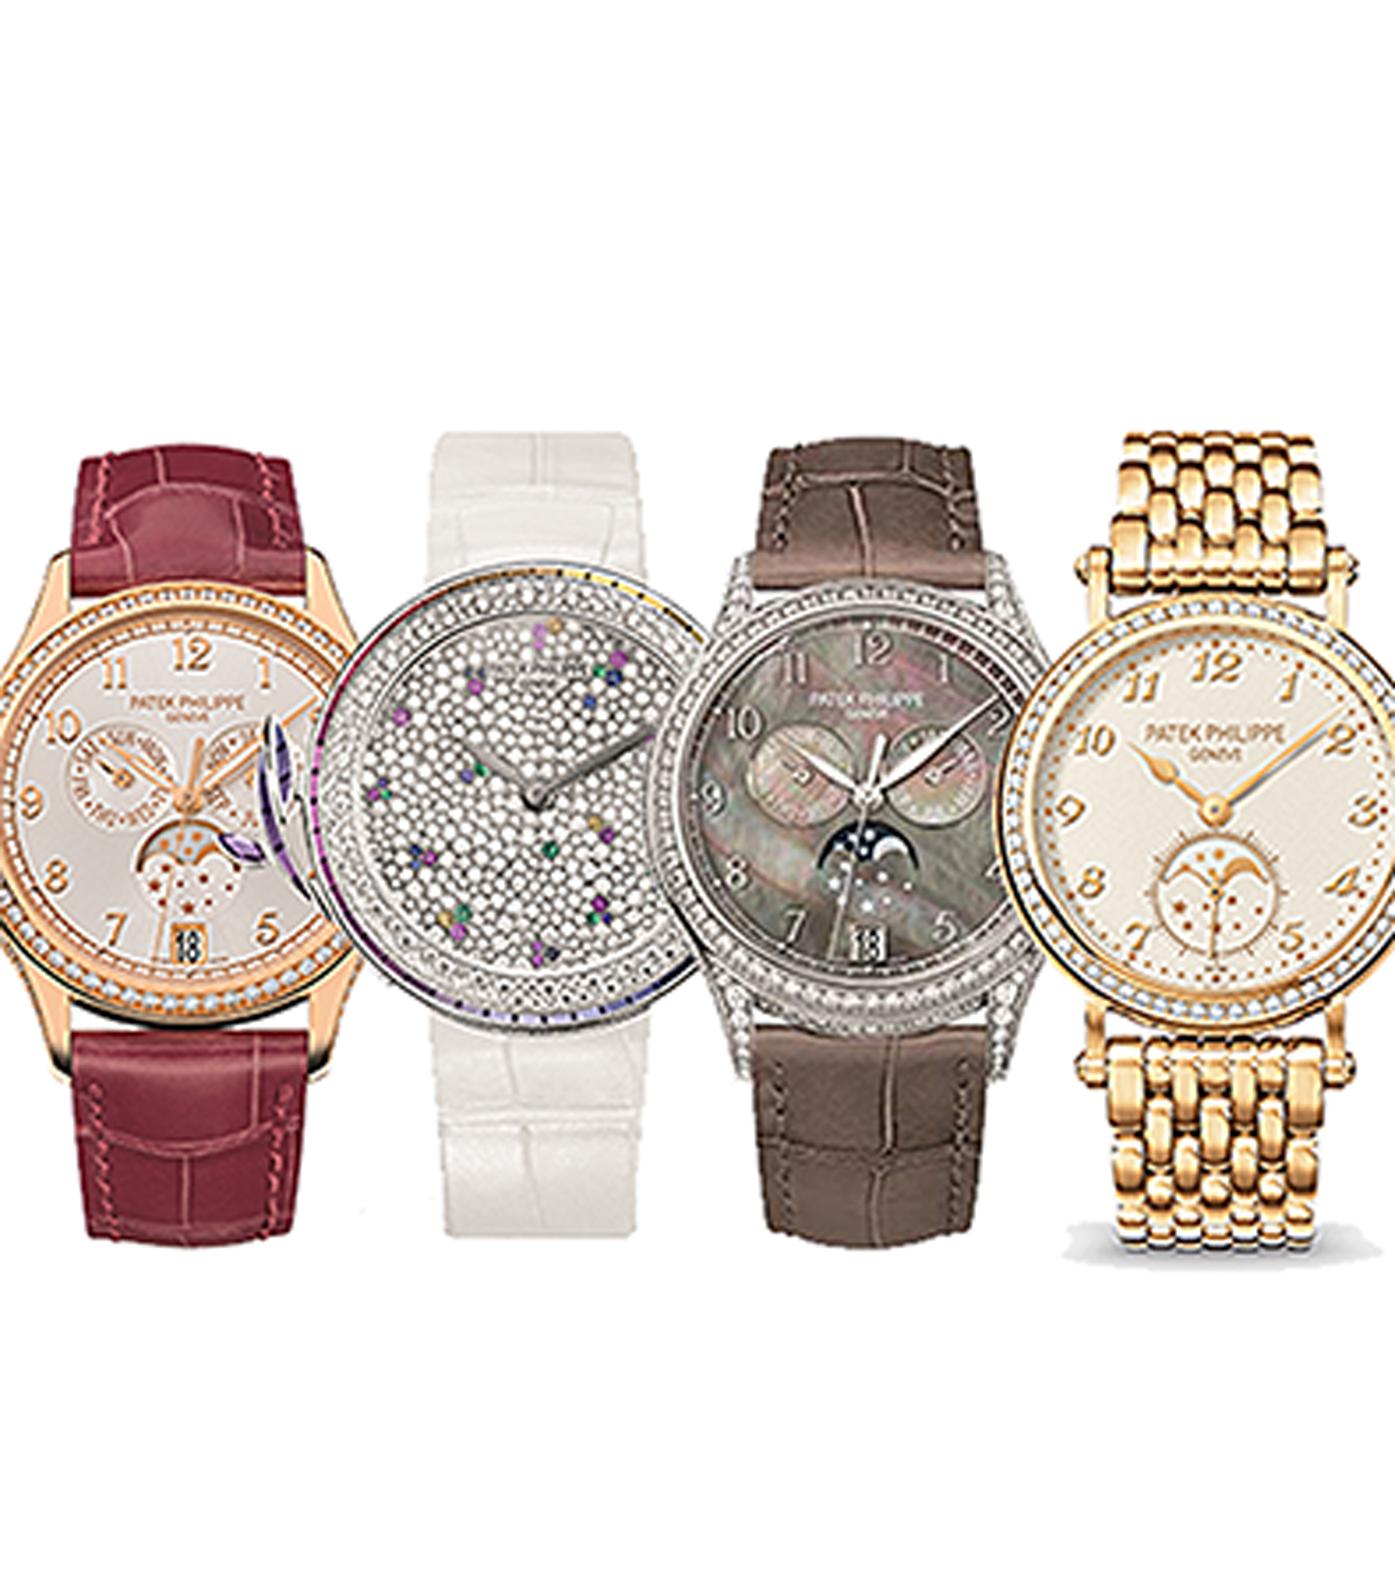 繁间至美 – 百达翡丽复杂功能女士腕表